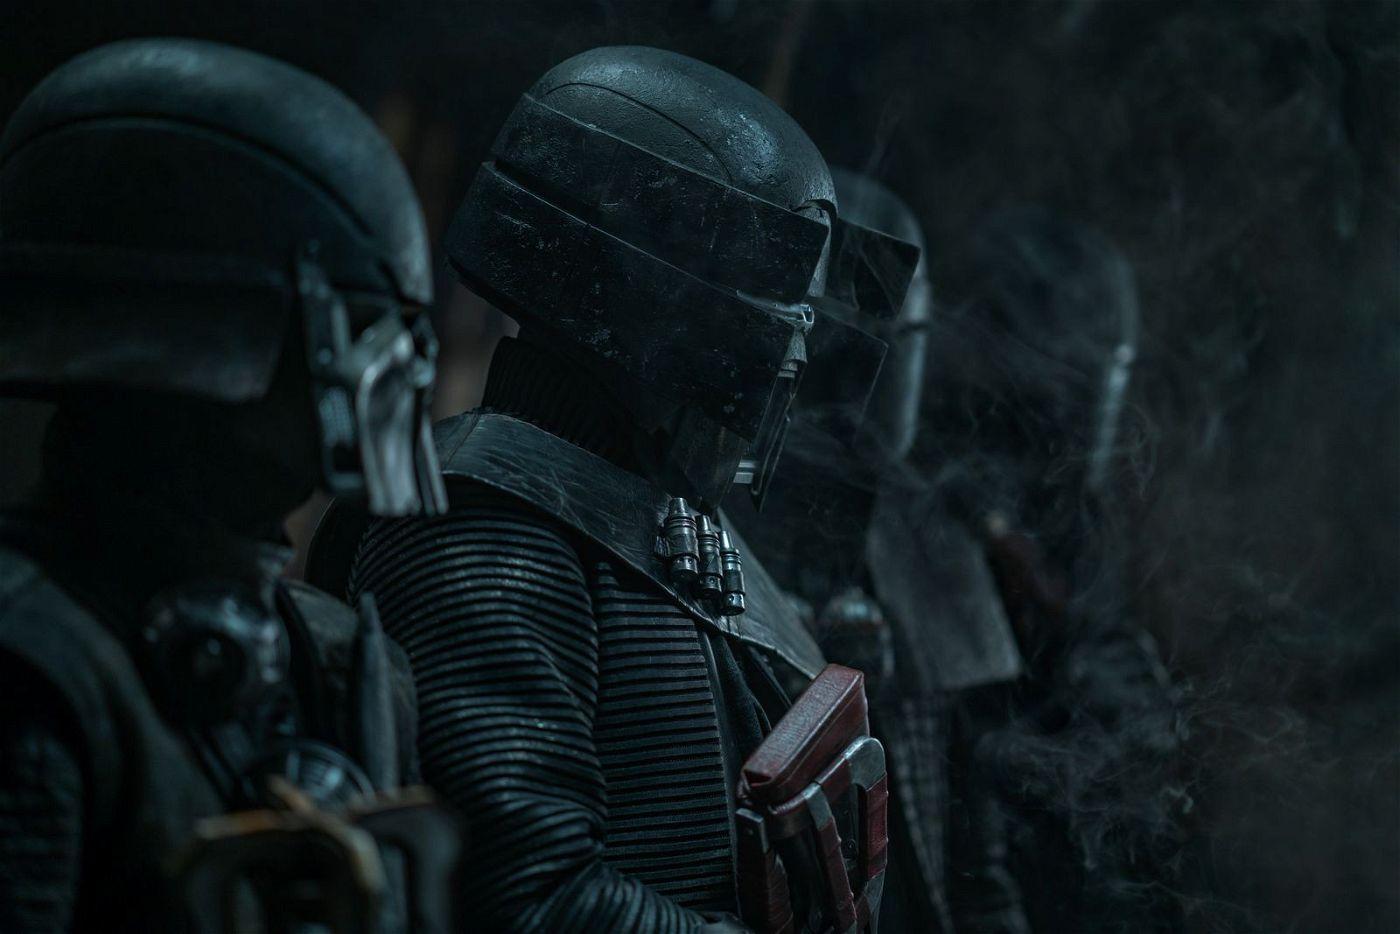 Die Knights of Ren stehen bereit, um ihren Herrscher zu beschützen.